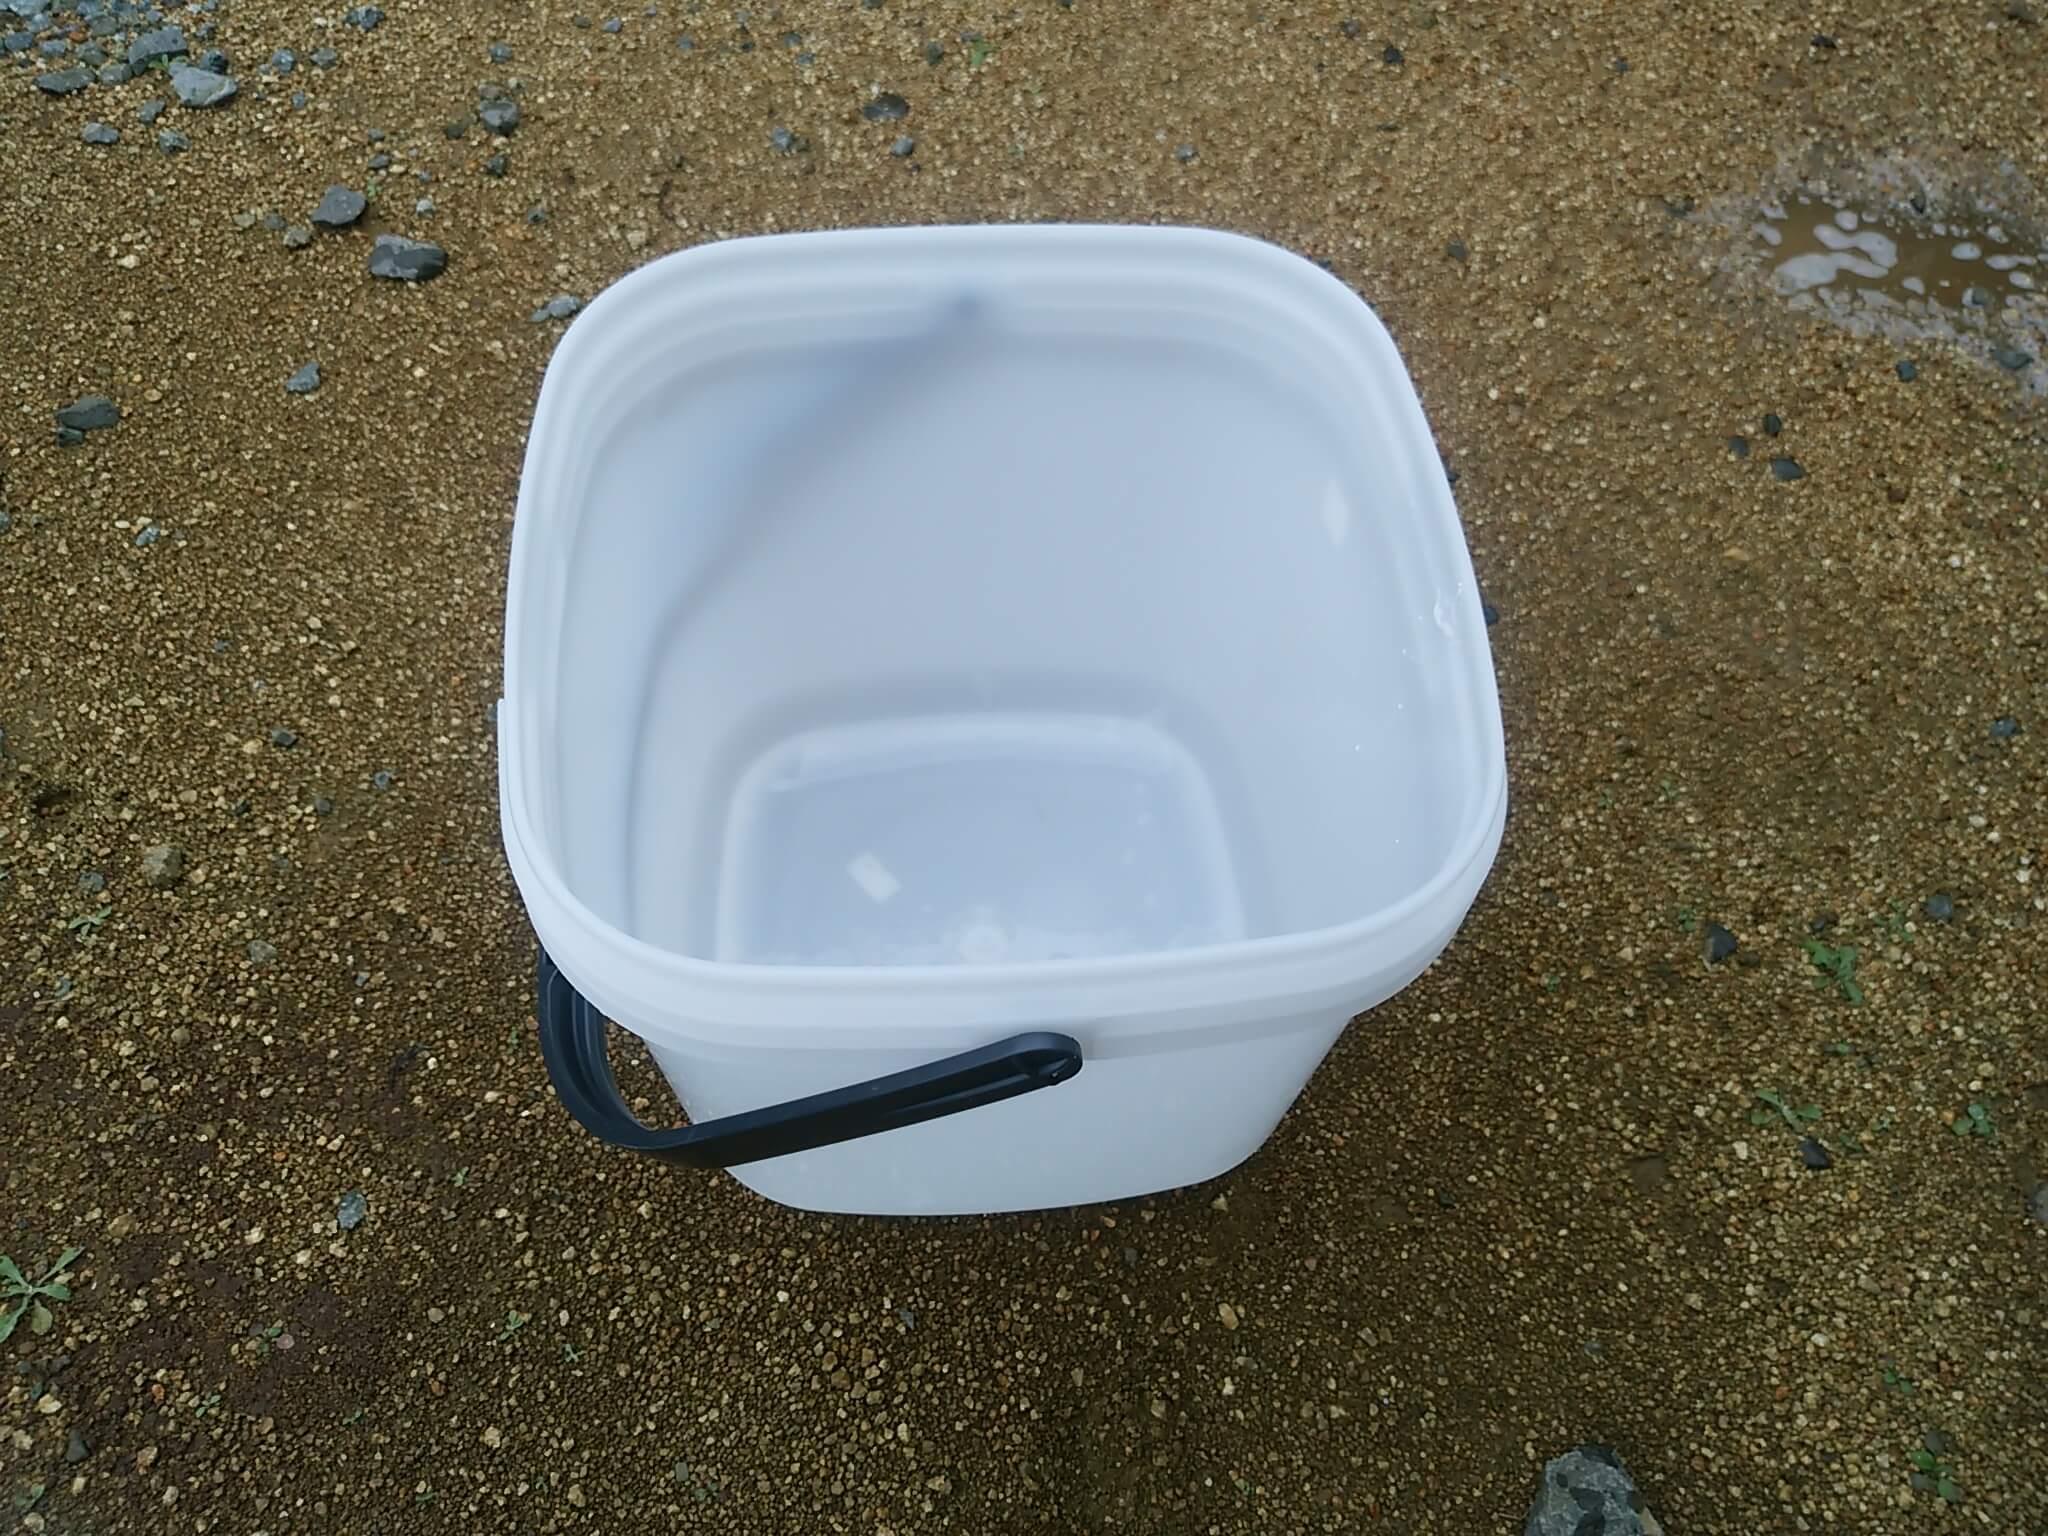 マテ貝を持ち帰るためのフタ付き容器